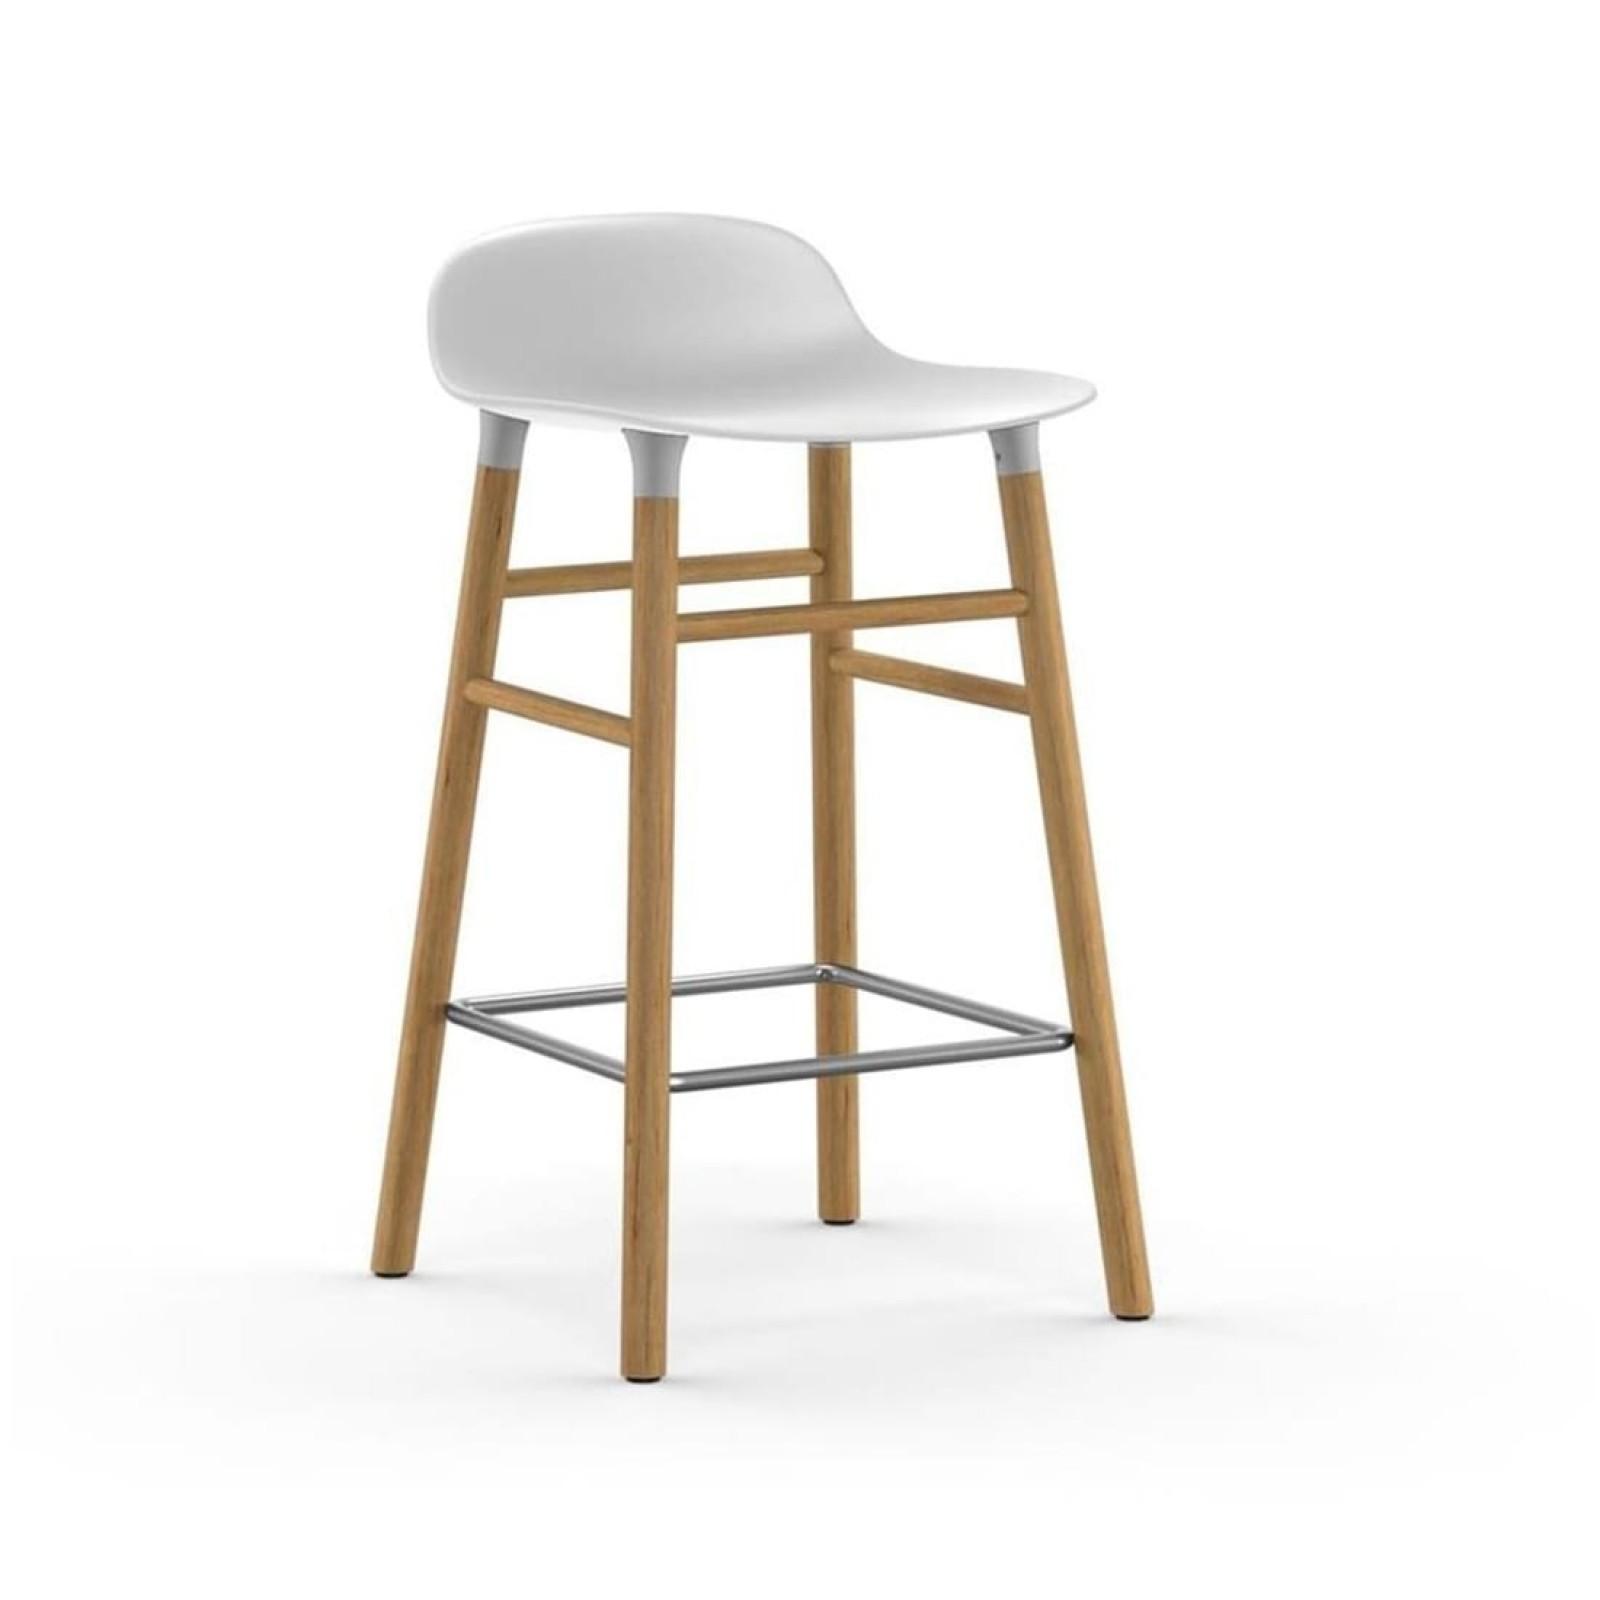 Σκαμπό Form 65 εκ. Ξύλο Βελανιδιάς (Λευκό) - Normann Copenhagen